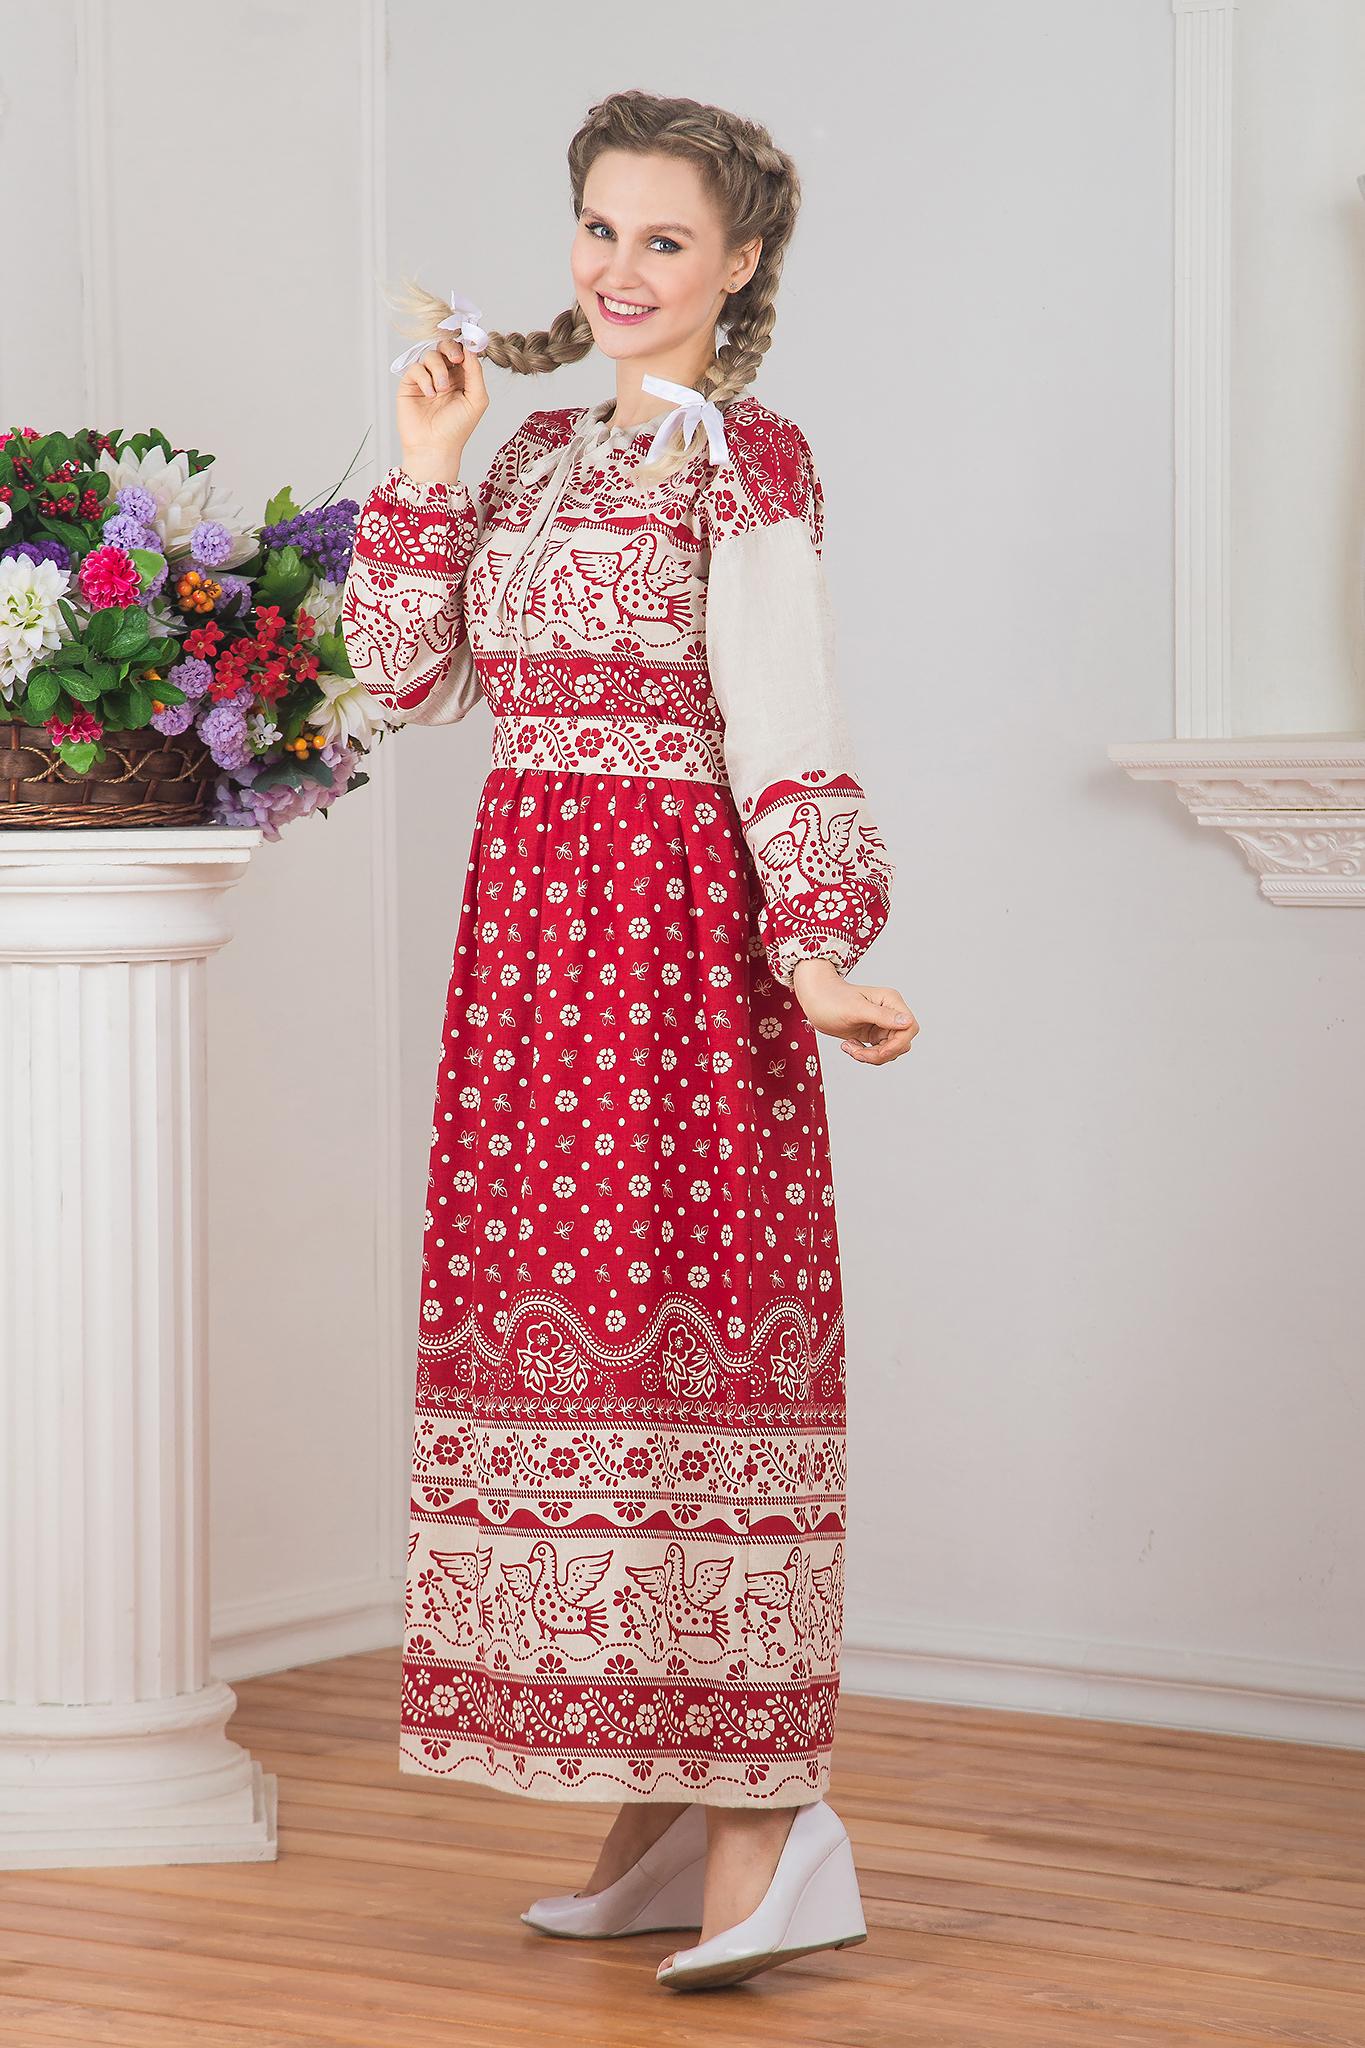 Русское народное платье Певчее вид сбоку